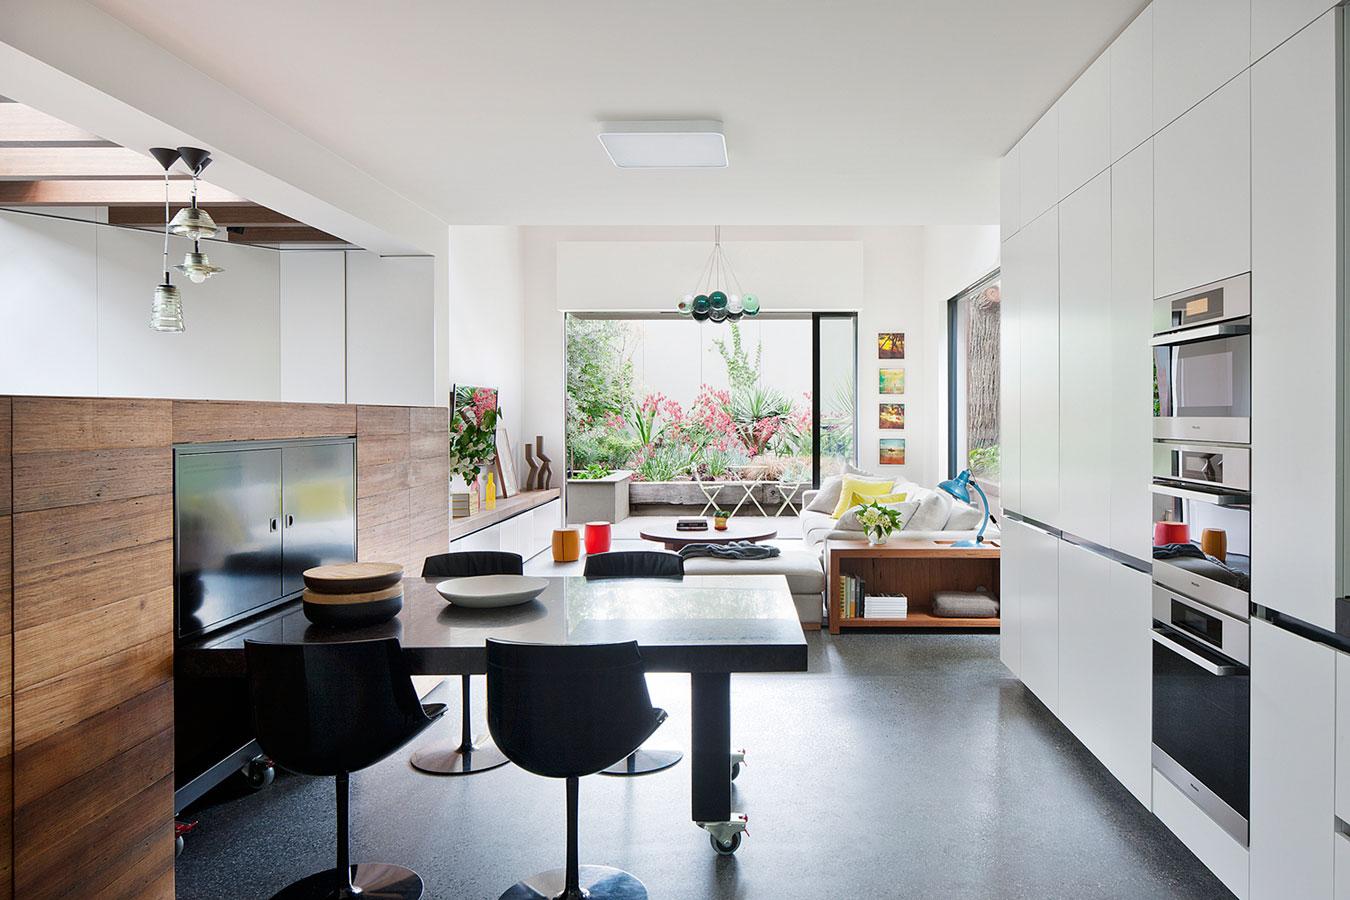 Wedo thiết kế phòng ăn kết hợp phòng khách đẹp